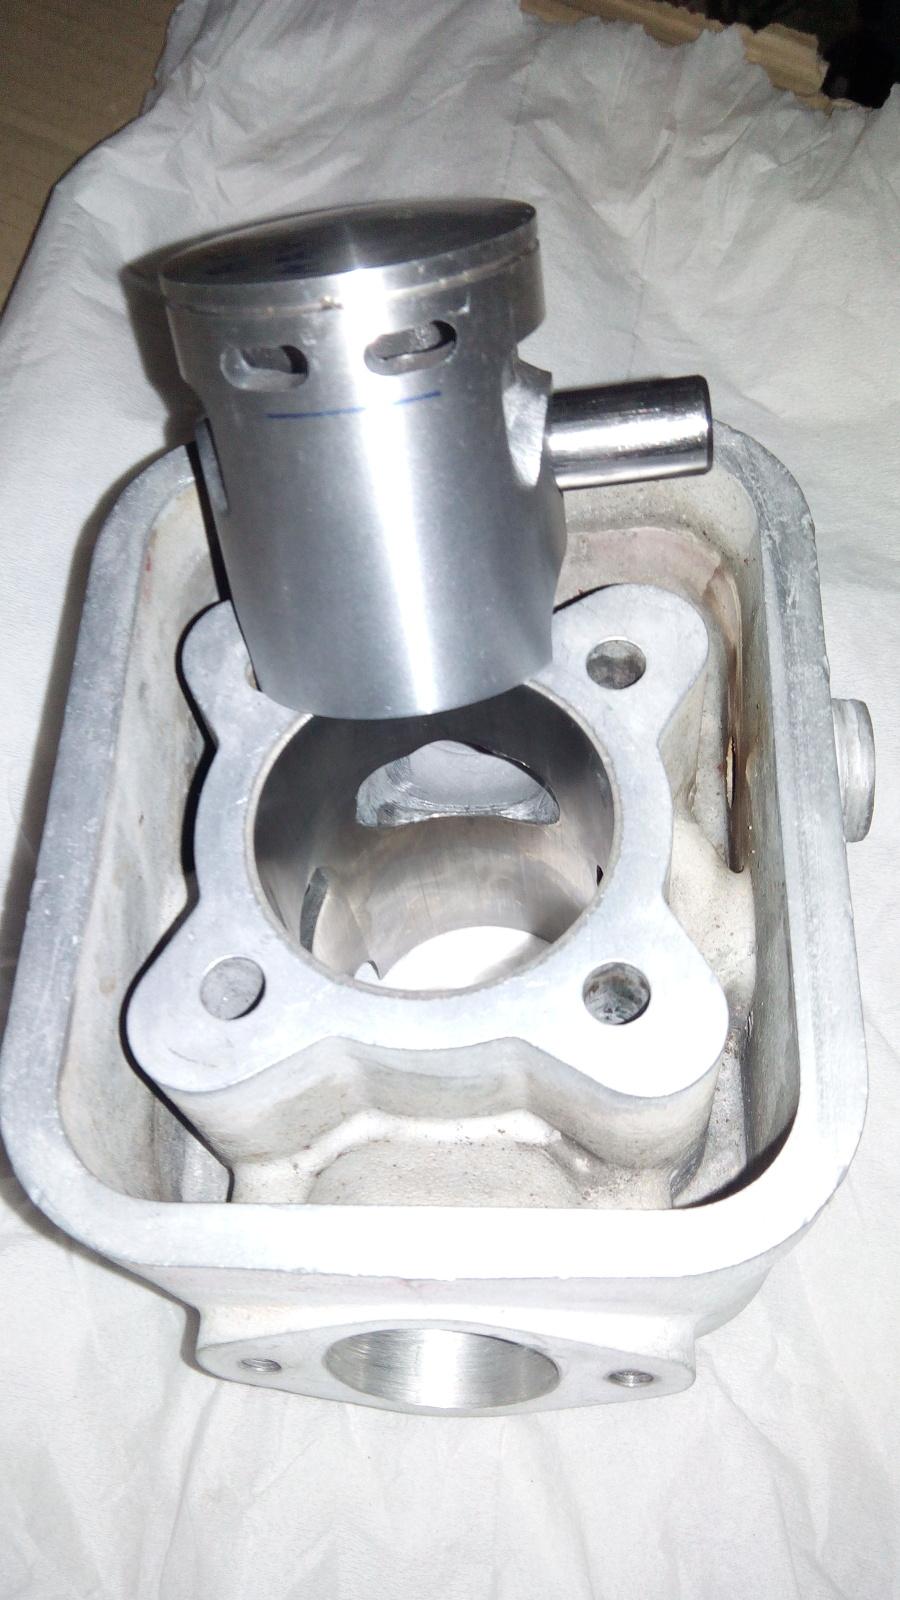 encendido - Mejoras en motores P3 P4 RV4 DL P6 K6... - Página 6 2mydrpj